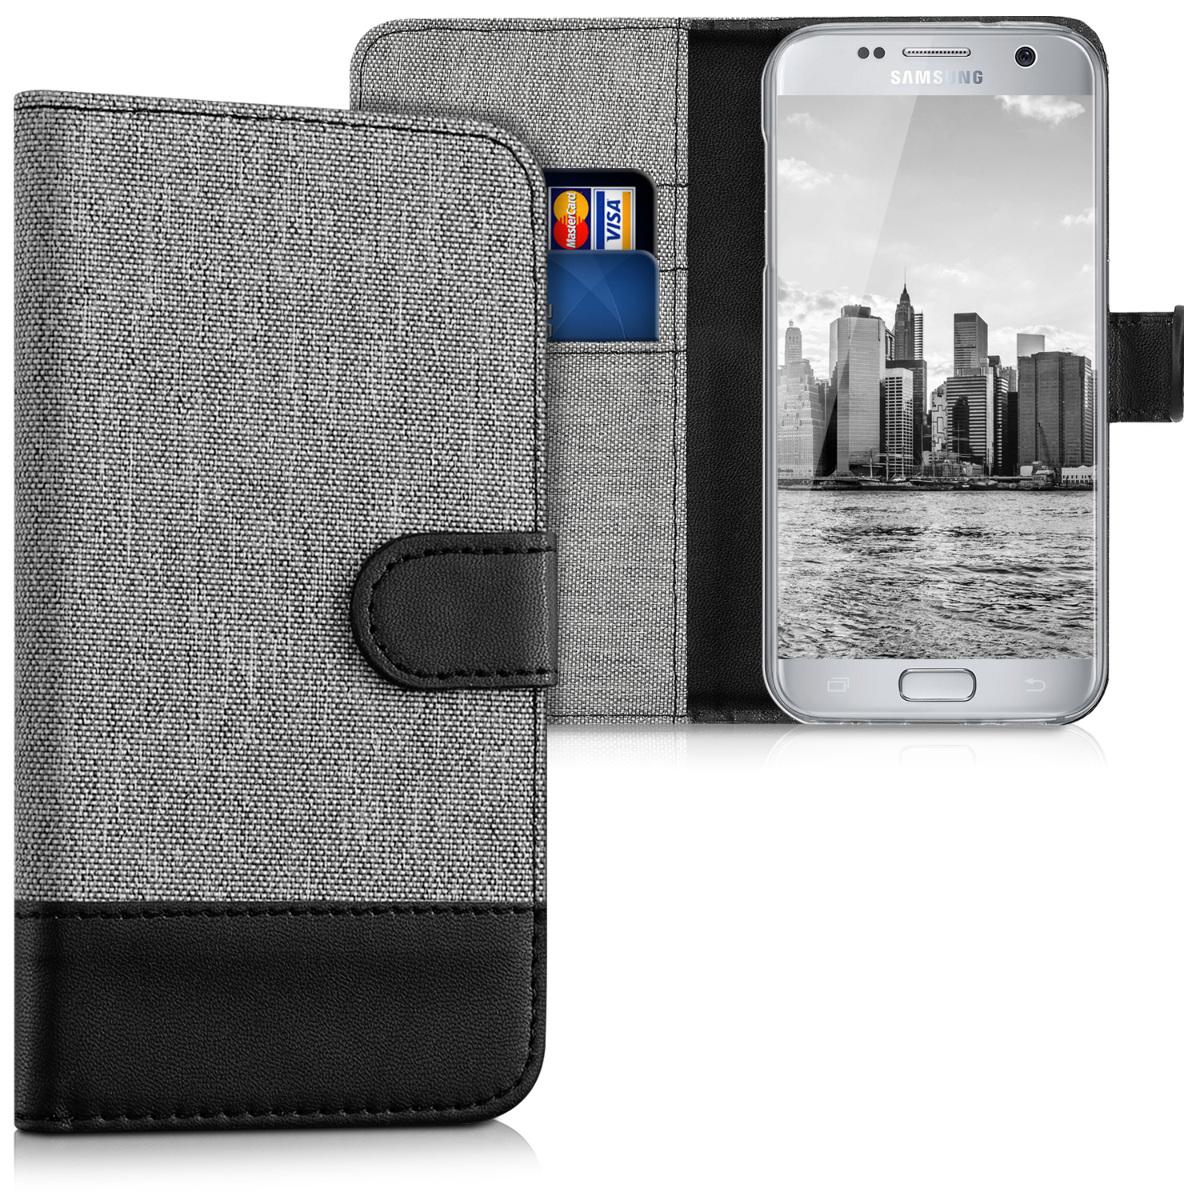 KW Θήκη - Πορτοφόλι Samsung Galaxy S7 - Grey / Black (37134.22)